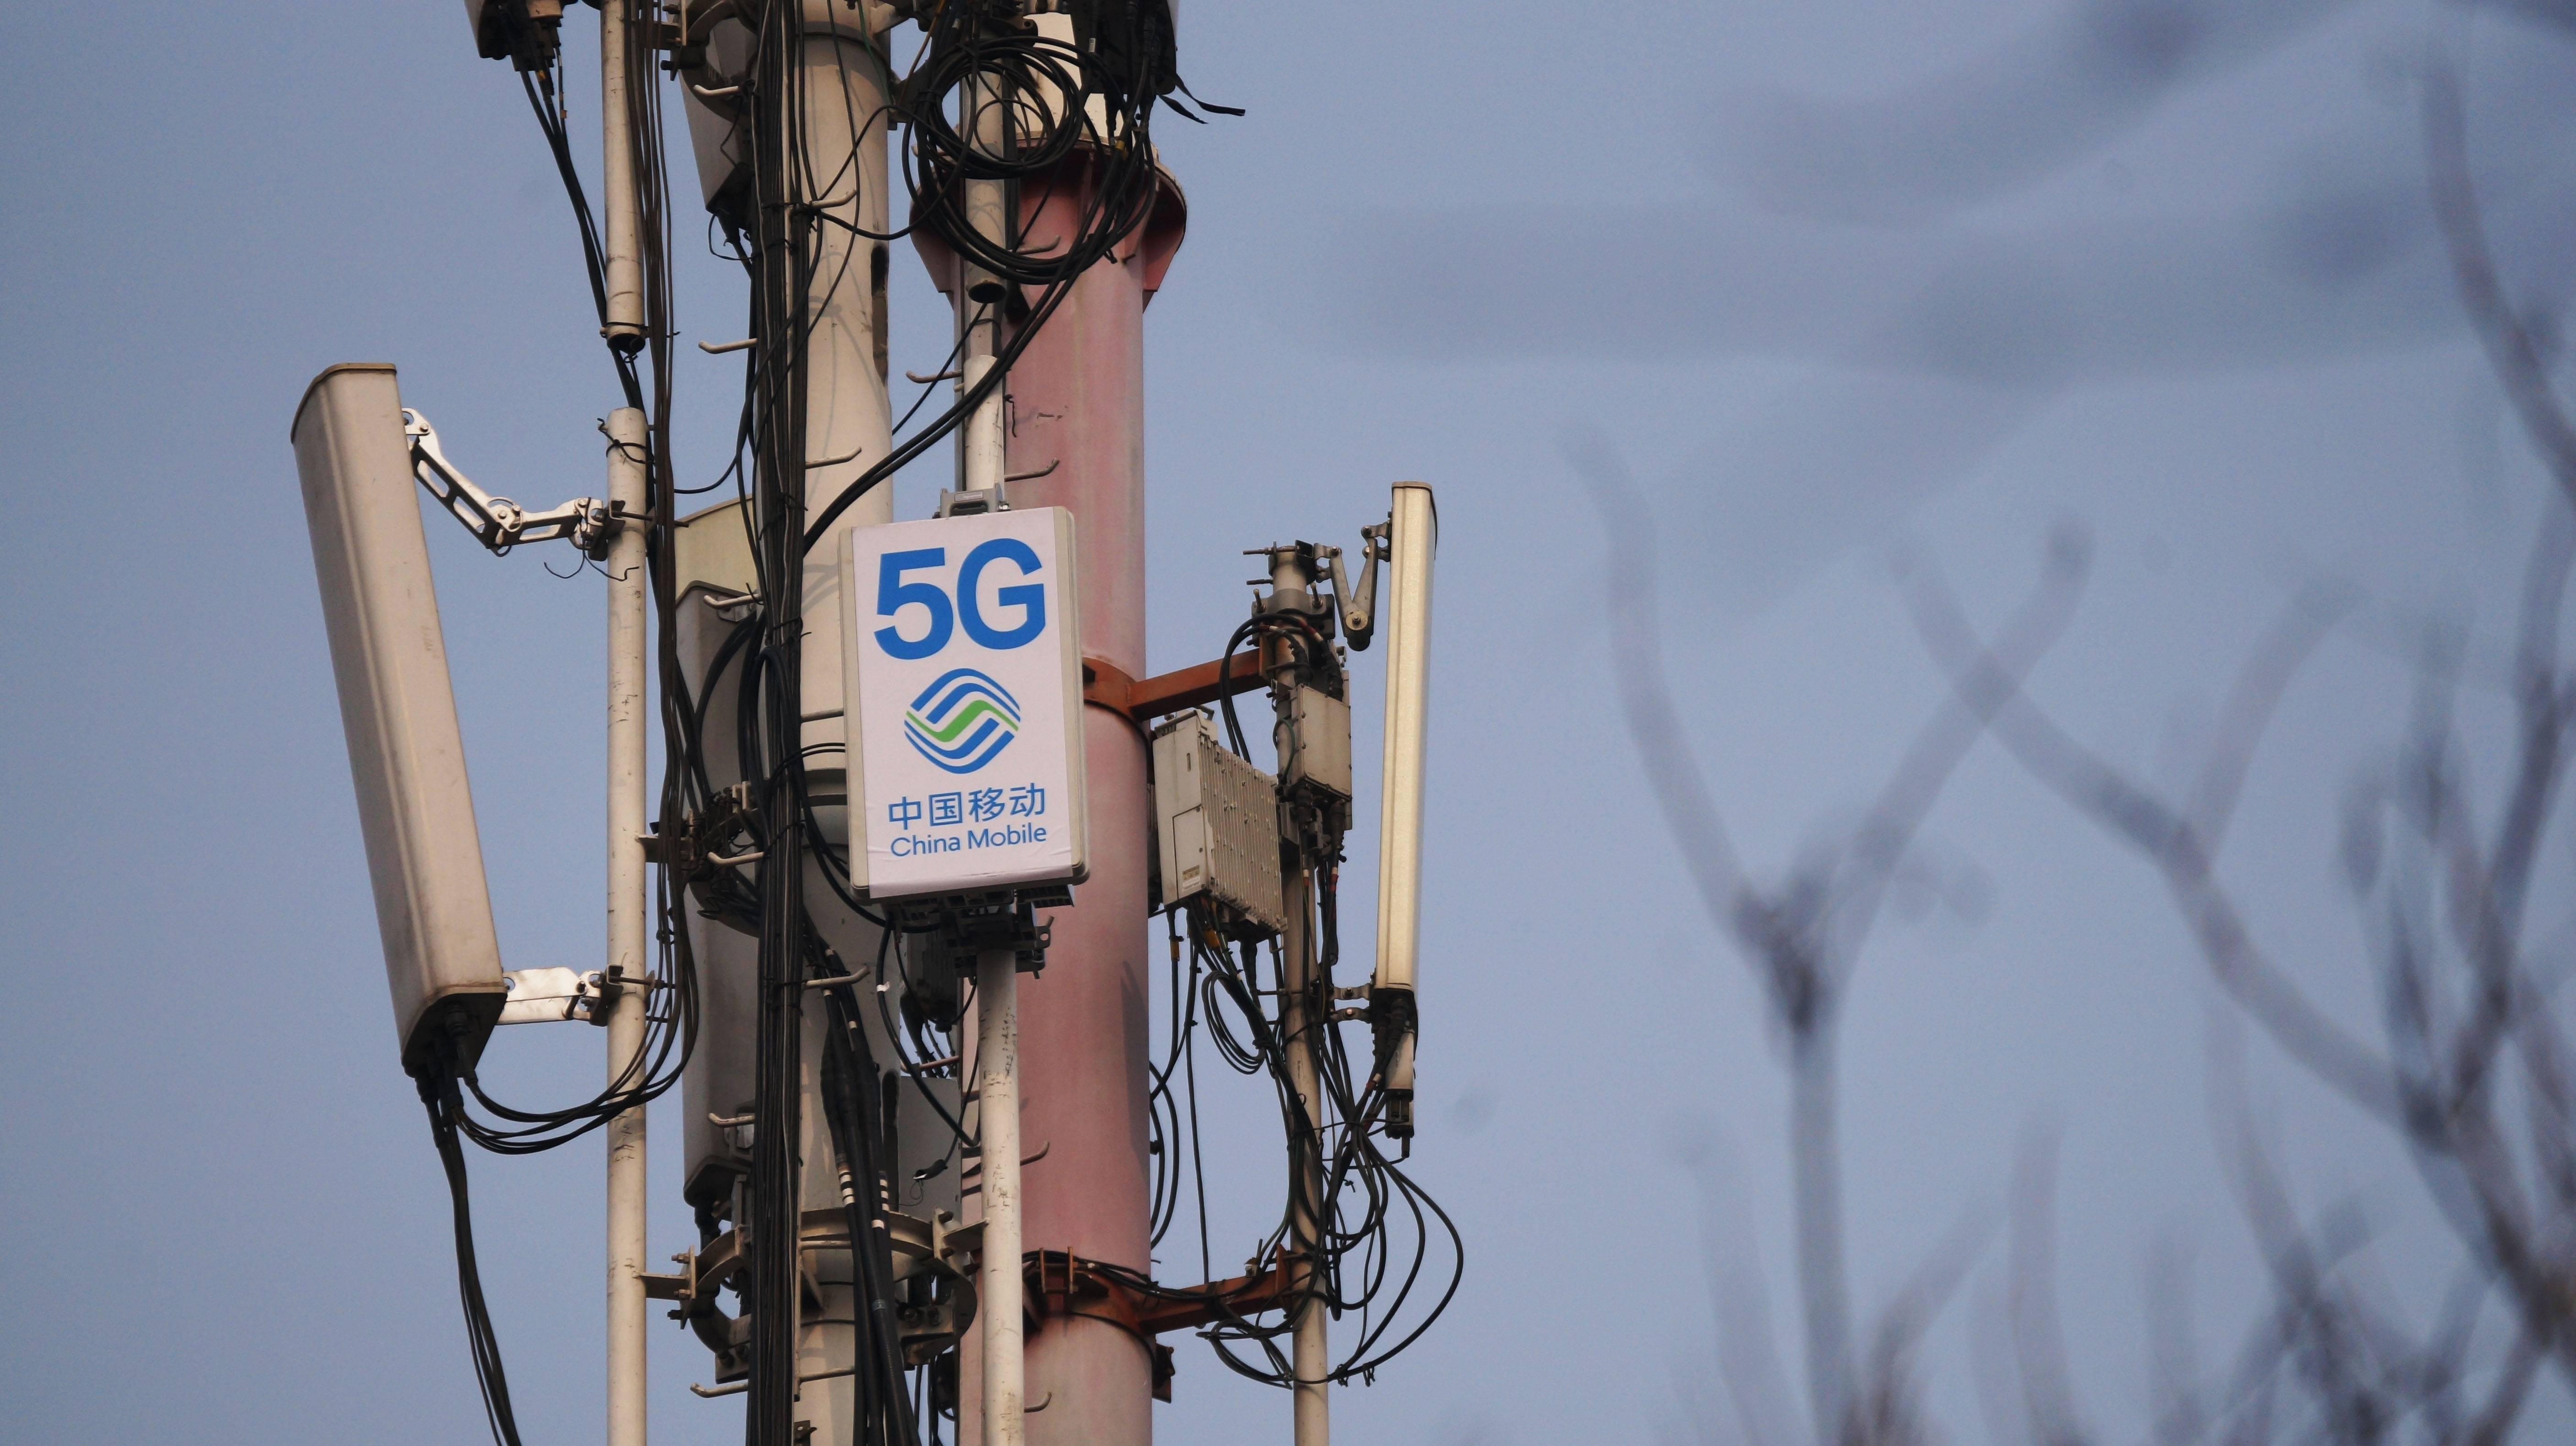 中国移动5G基站以租代买计划为何中止